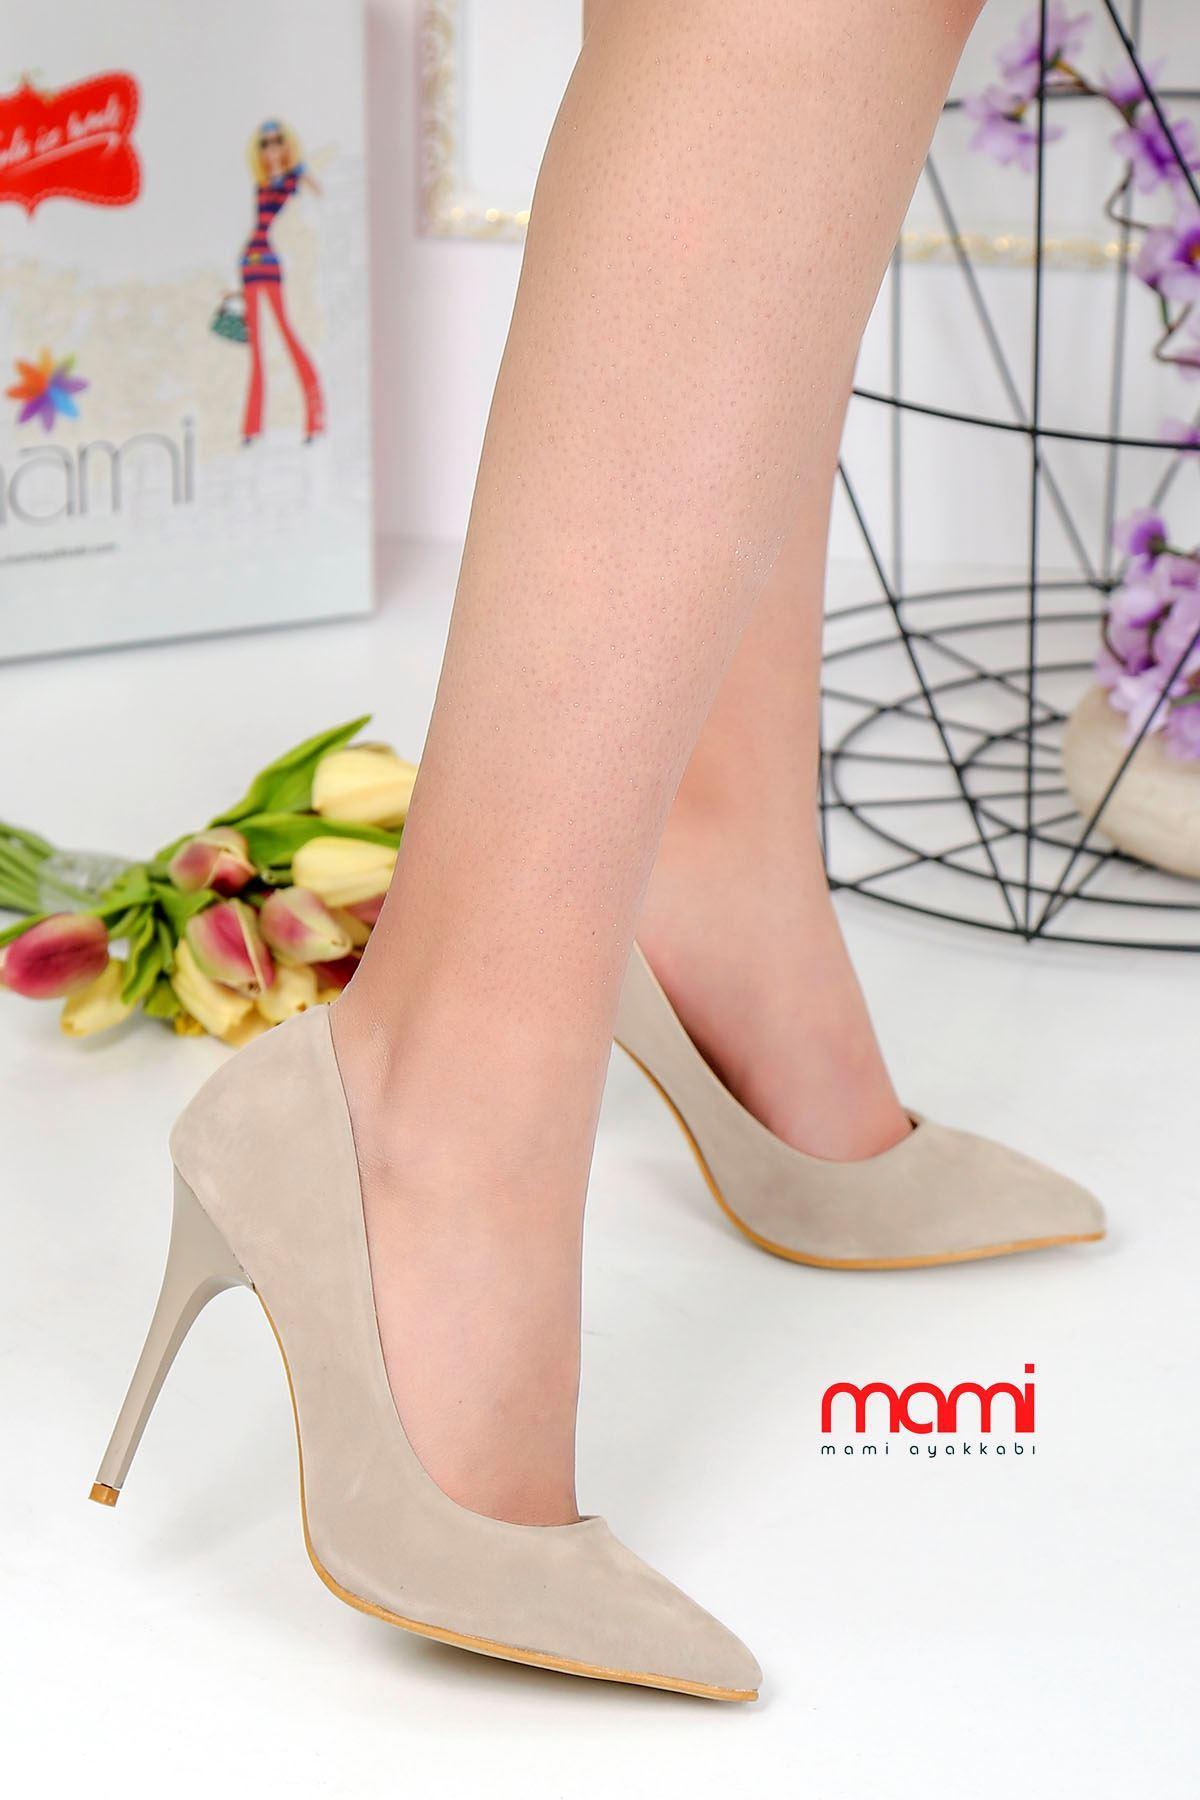 Mami- Stiletto Ayakkabı Krem Süet